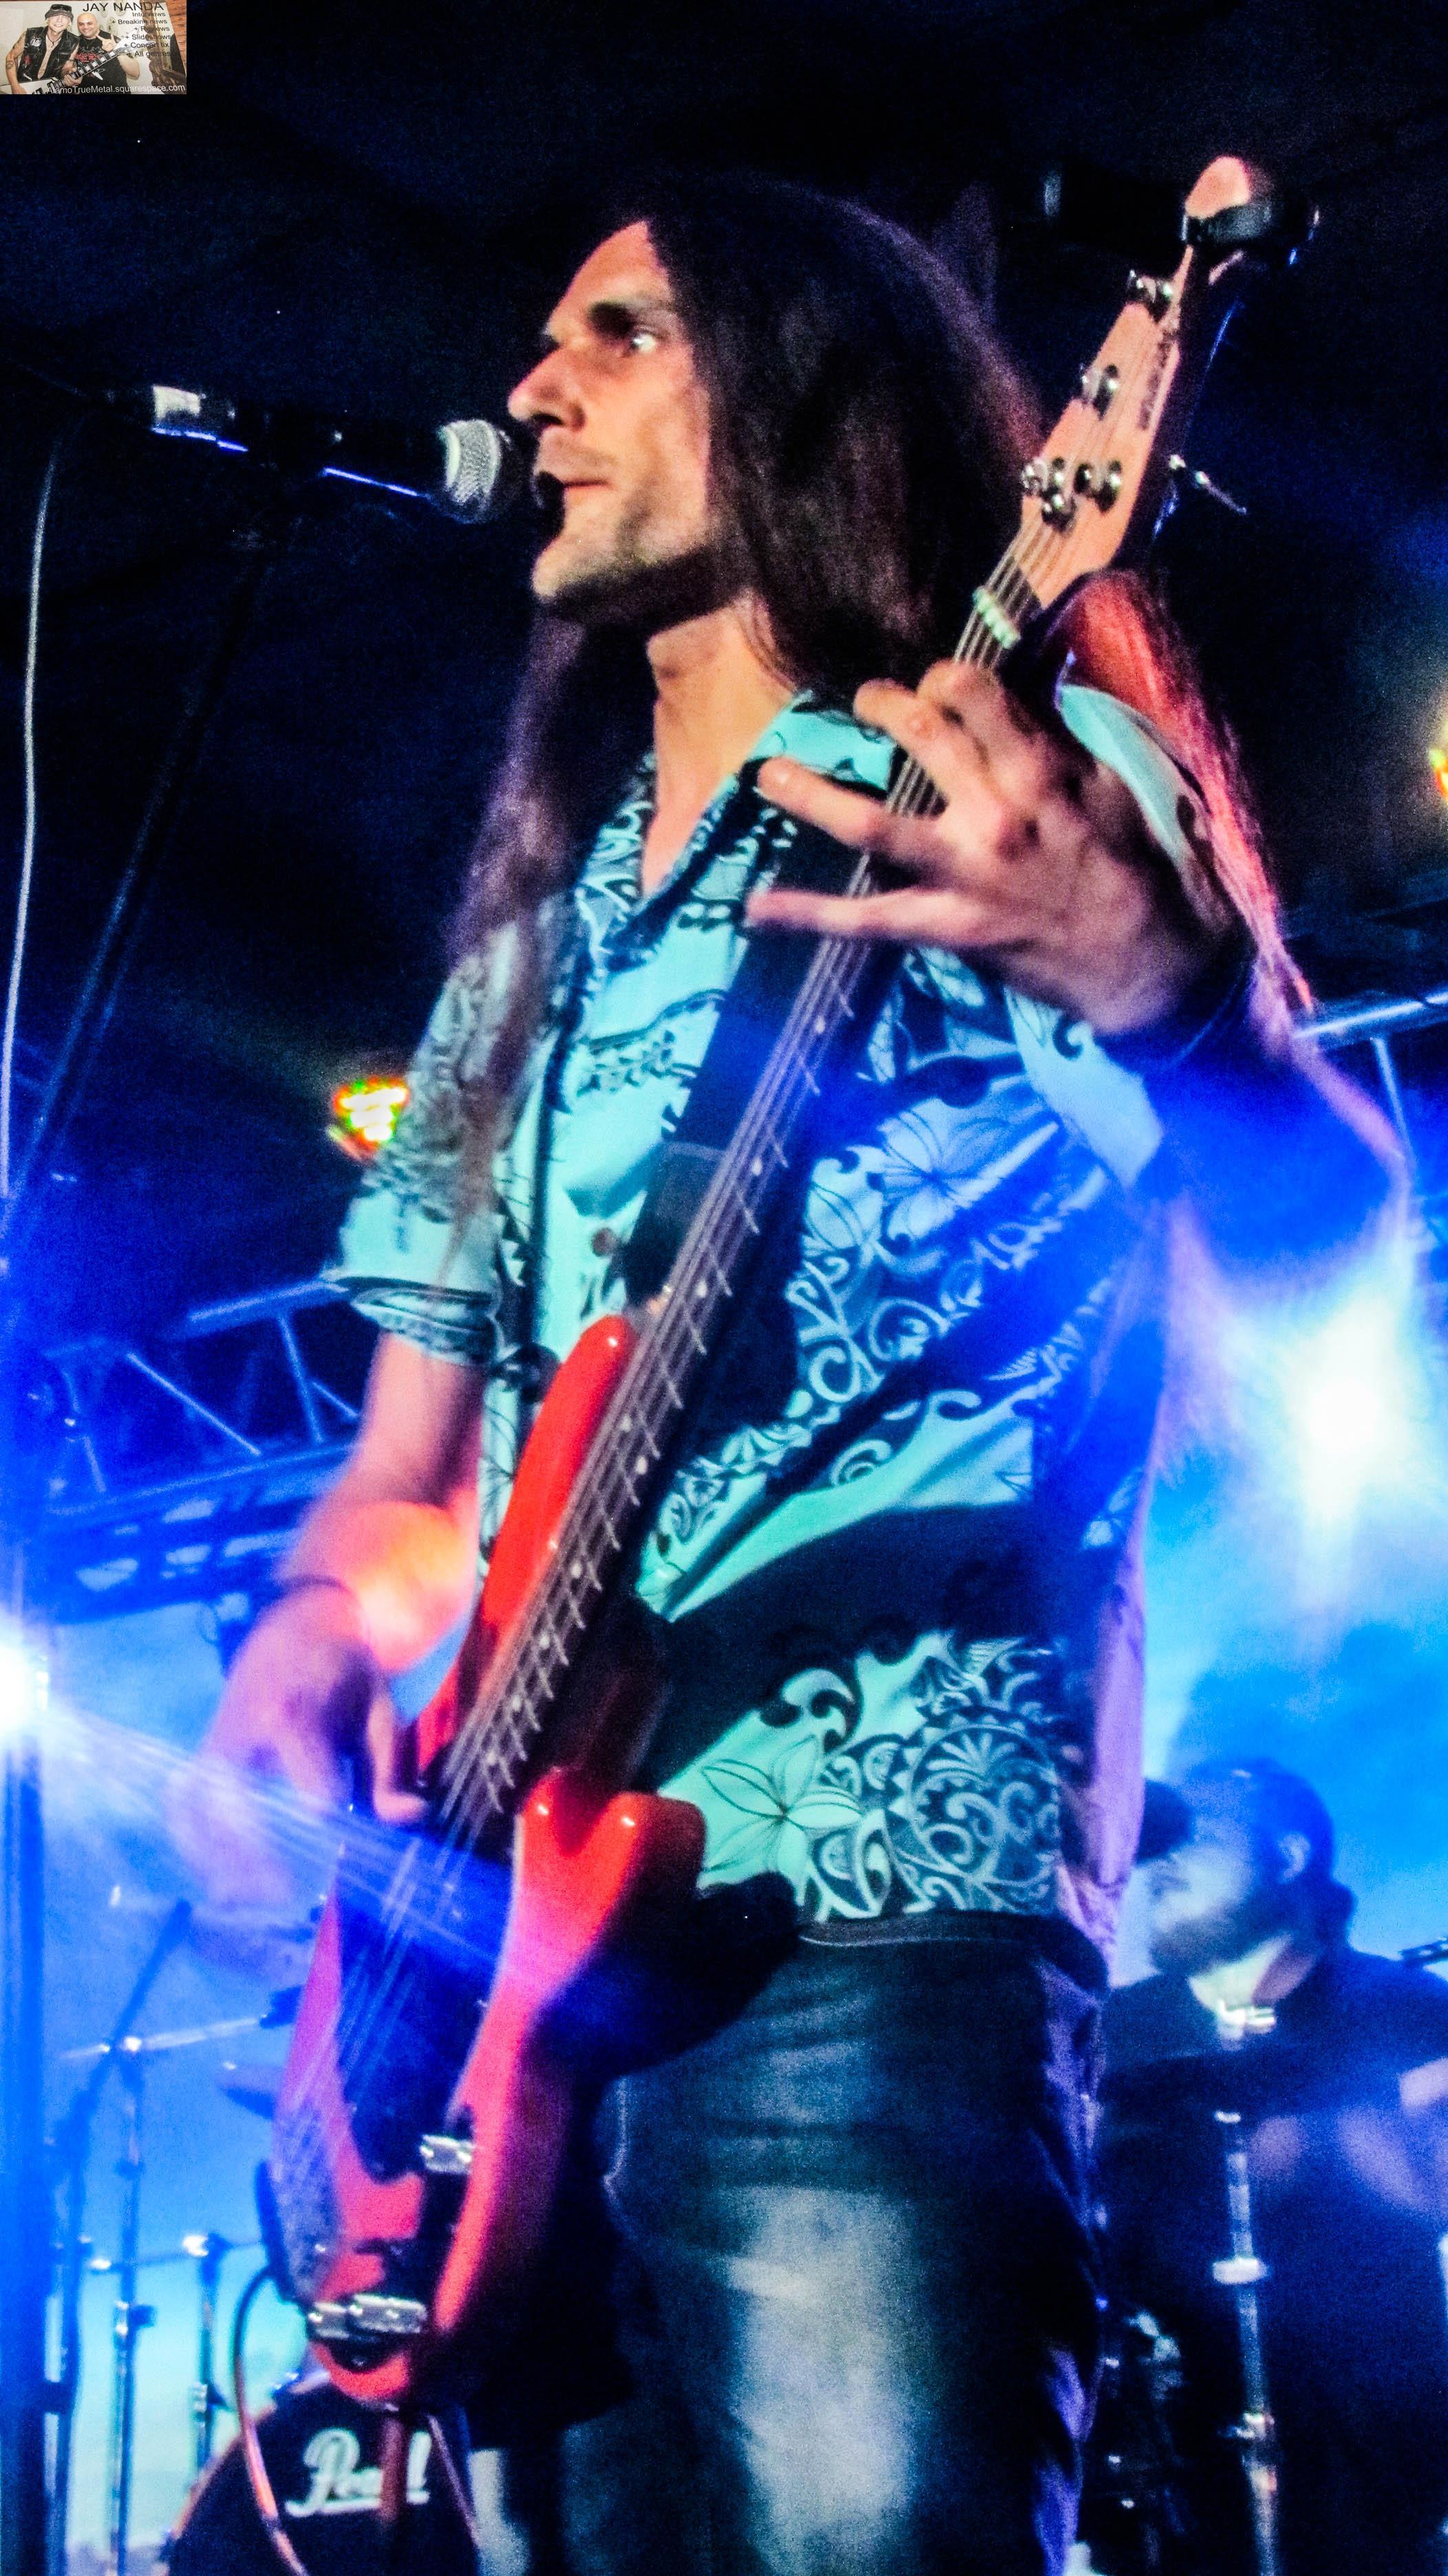 Nico Deppisch strums the bass.